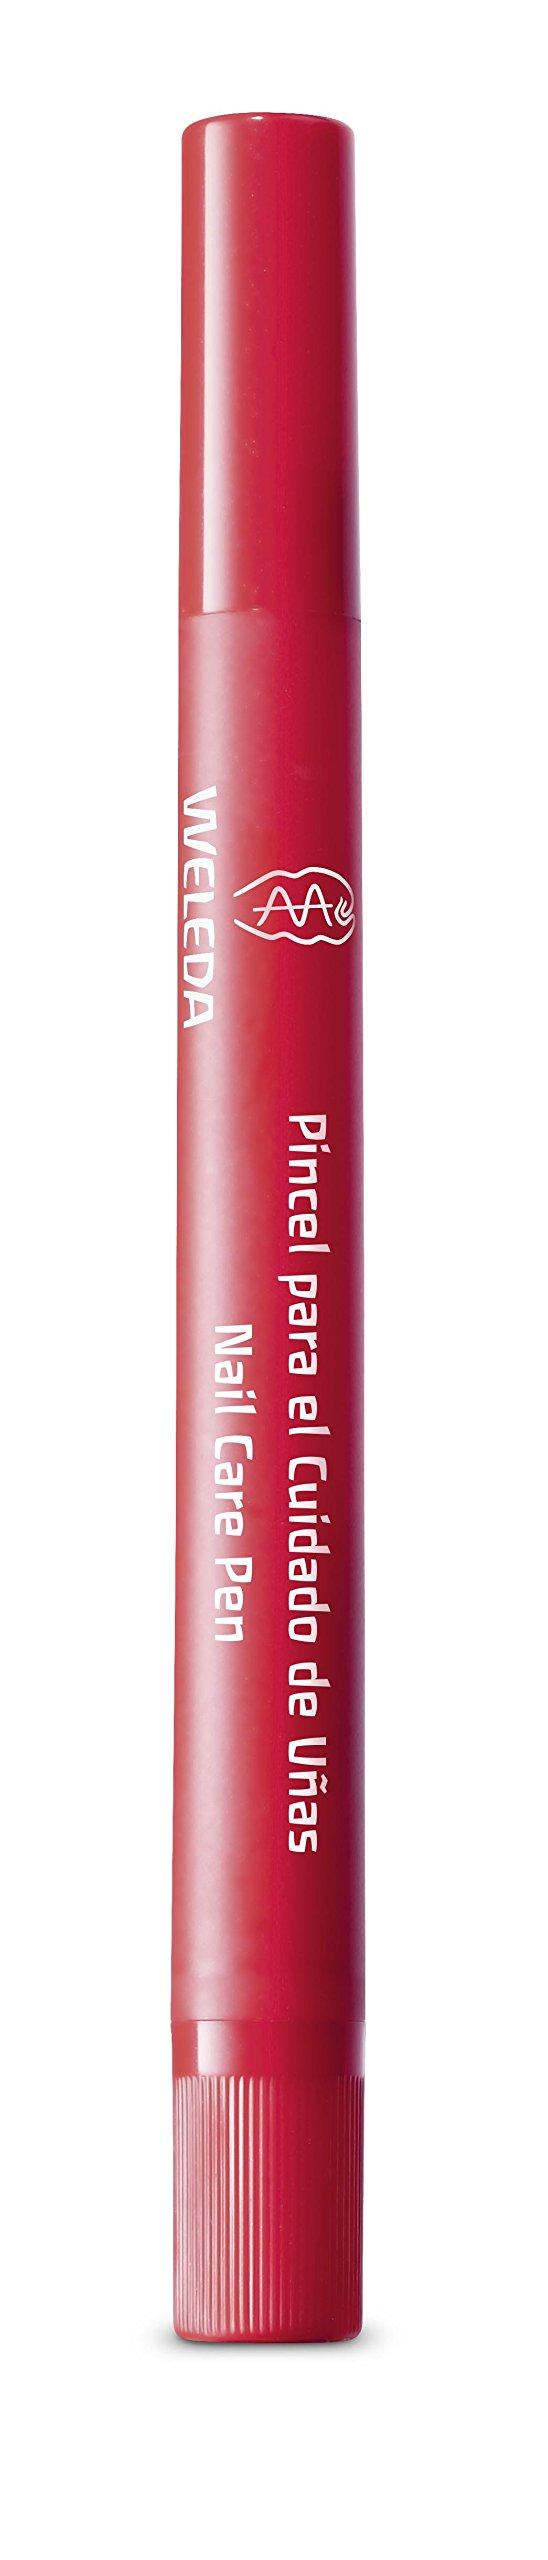 Weleda Nail Care Pen - Pomegranate - .07 oz